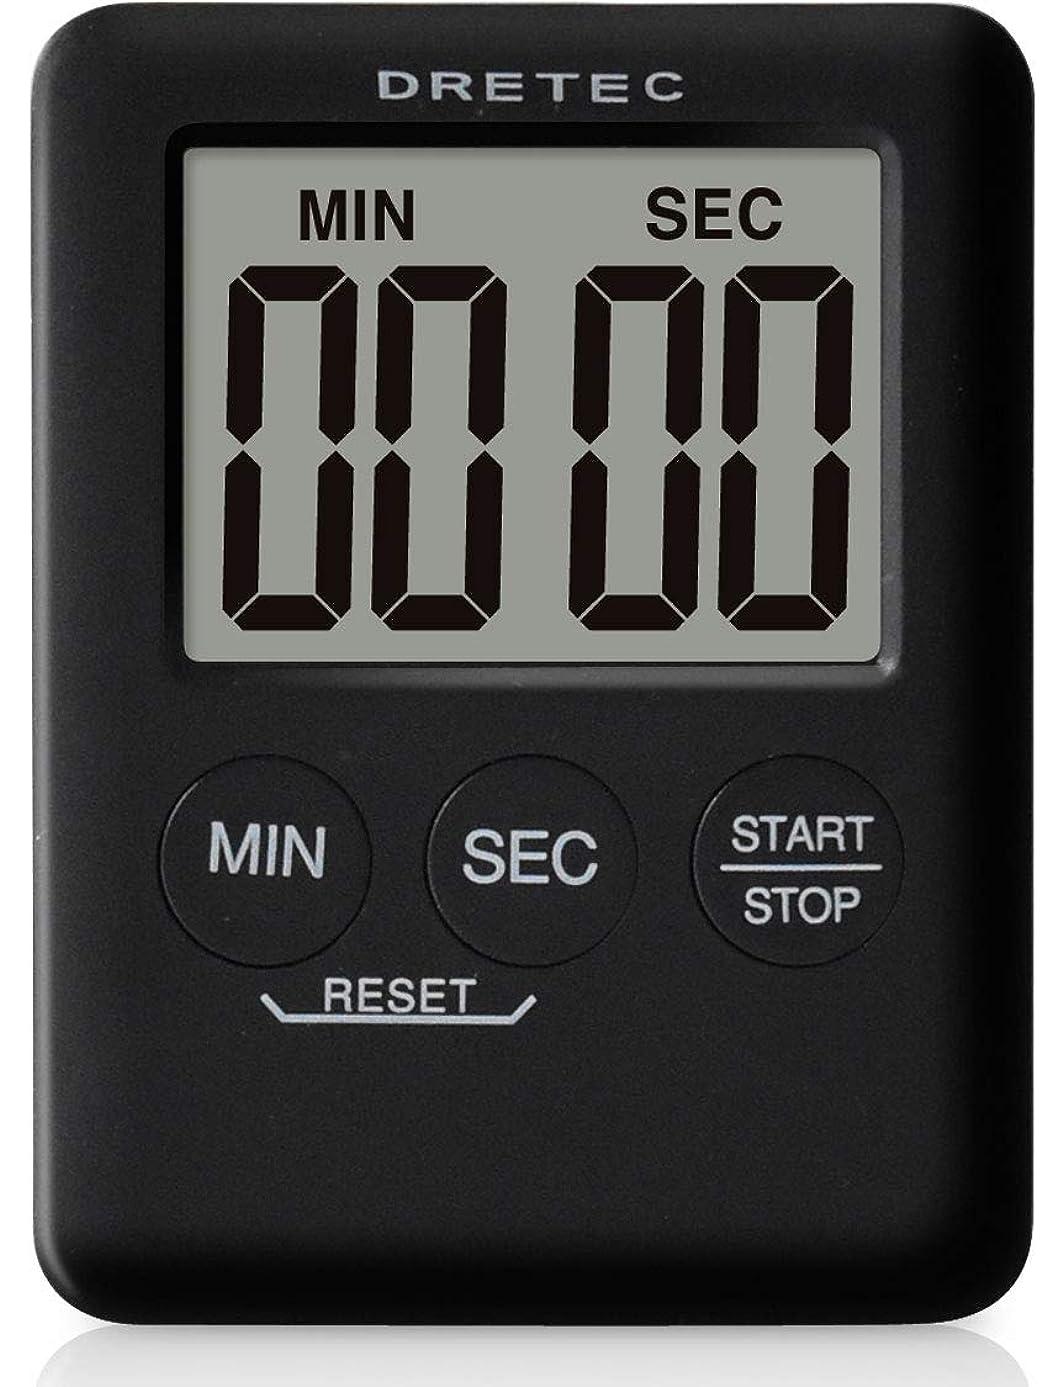 ピストン文献把握dretec(ドリテック) デジタルタイマー ポケッティ 薄型9mm コンパクト カウントアップ99分59秒 T-307BK(ブラック)